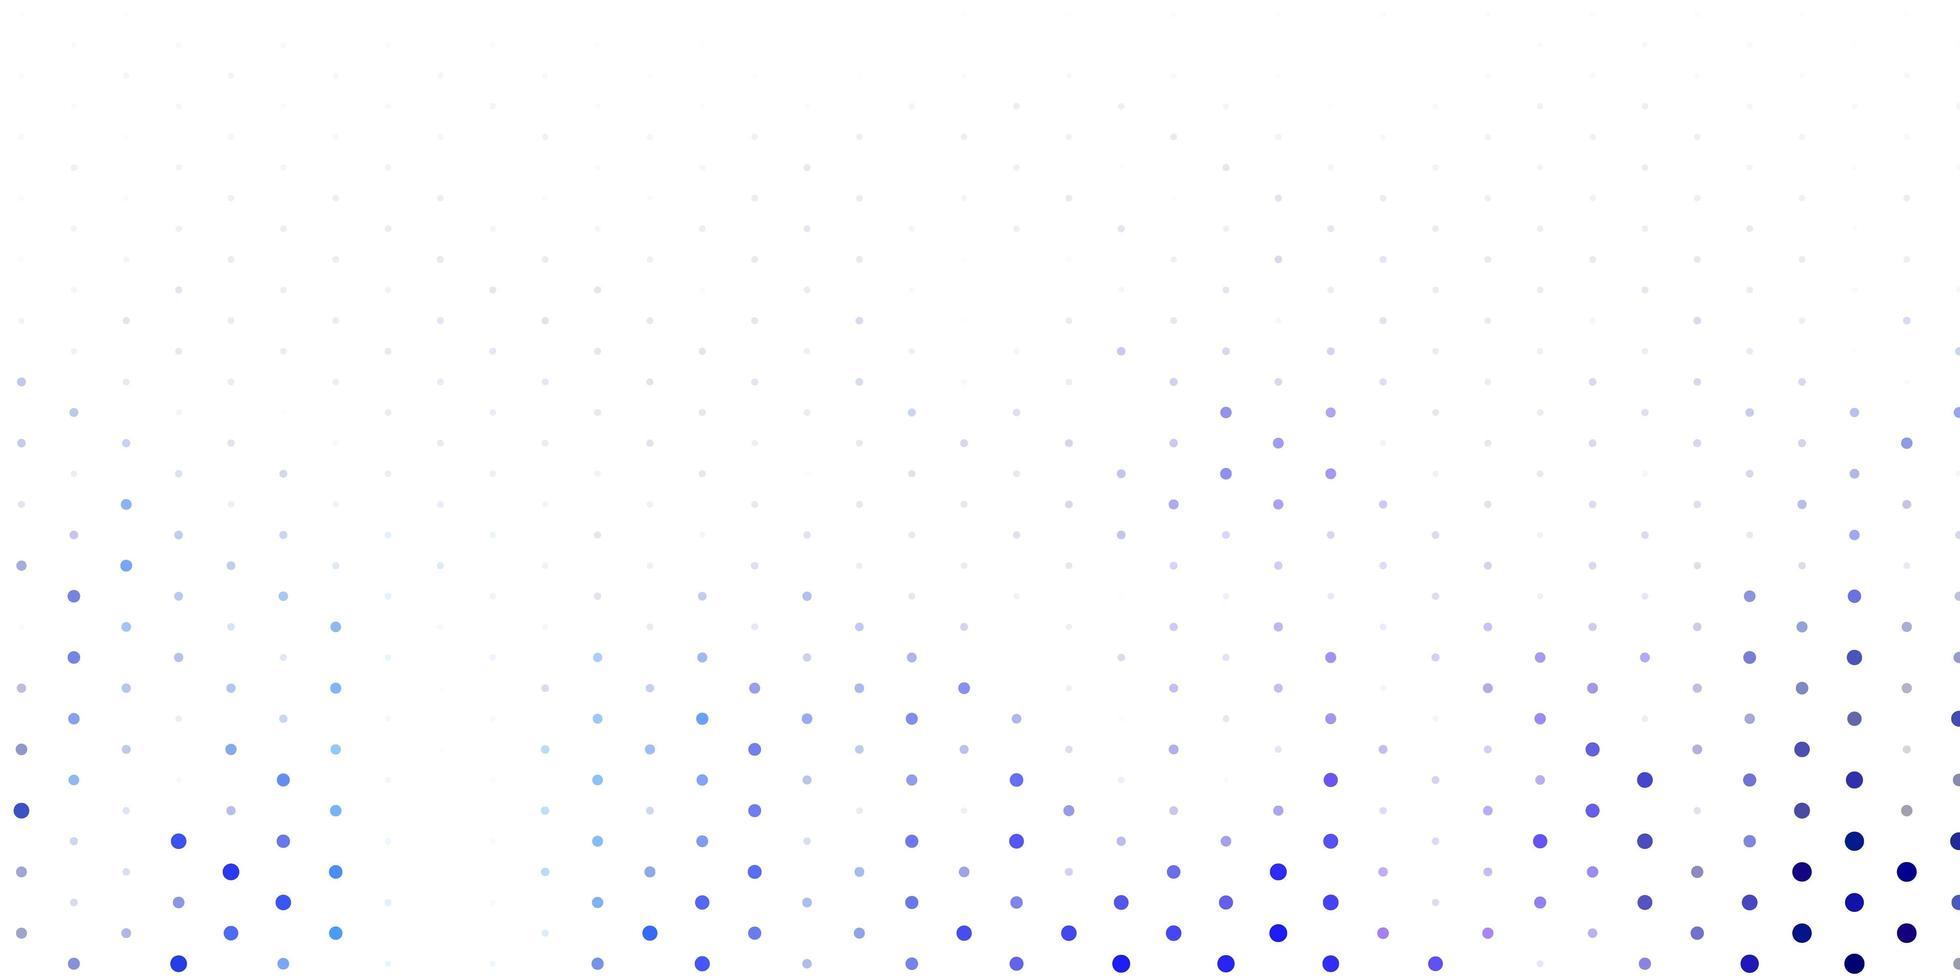 fundo vector roxo claro com bolhas.